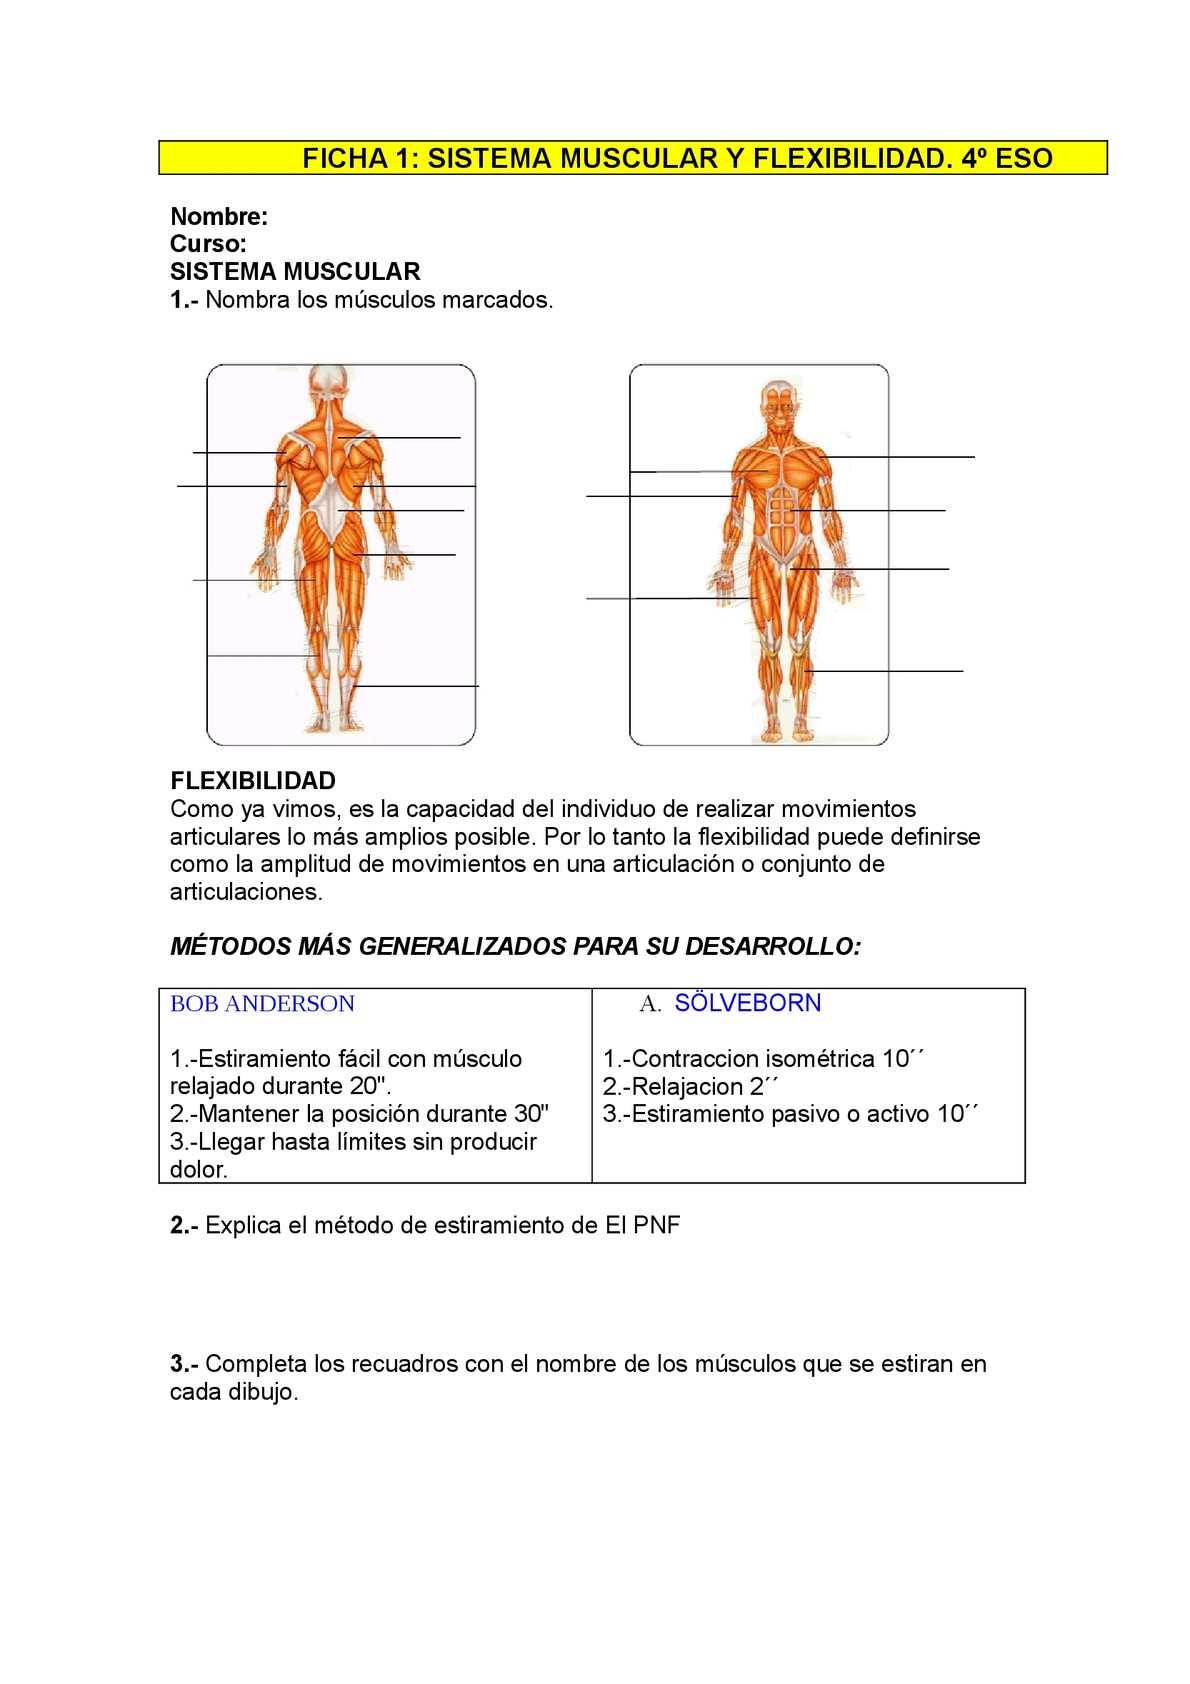 Calaméo - cuerpo humano y flexibilidad 4º eso